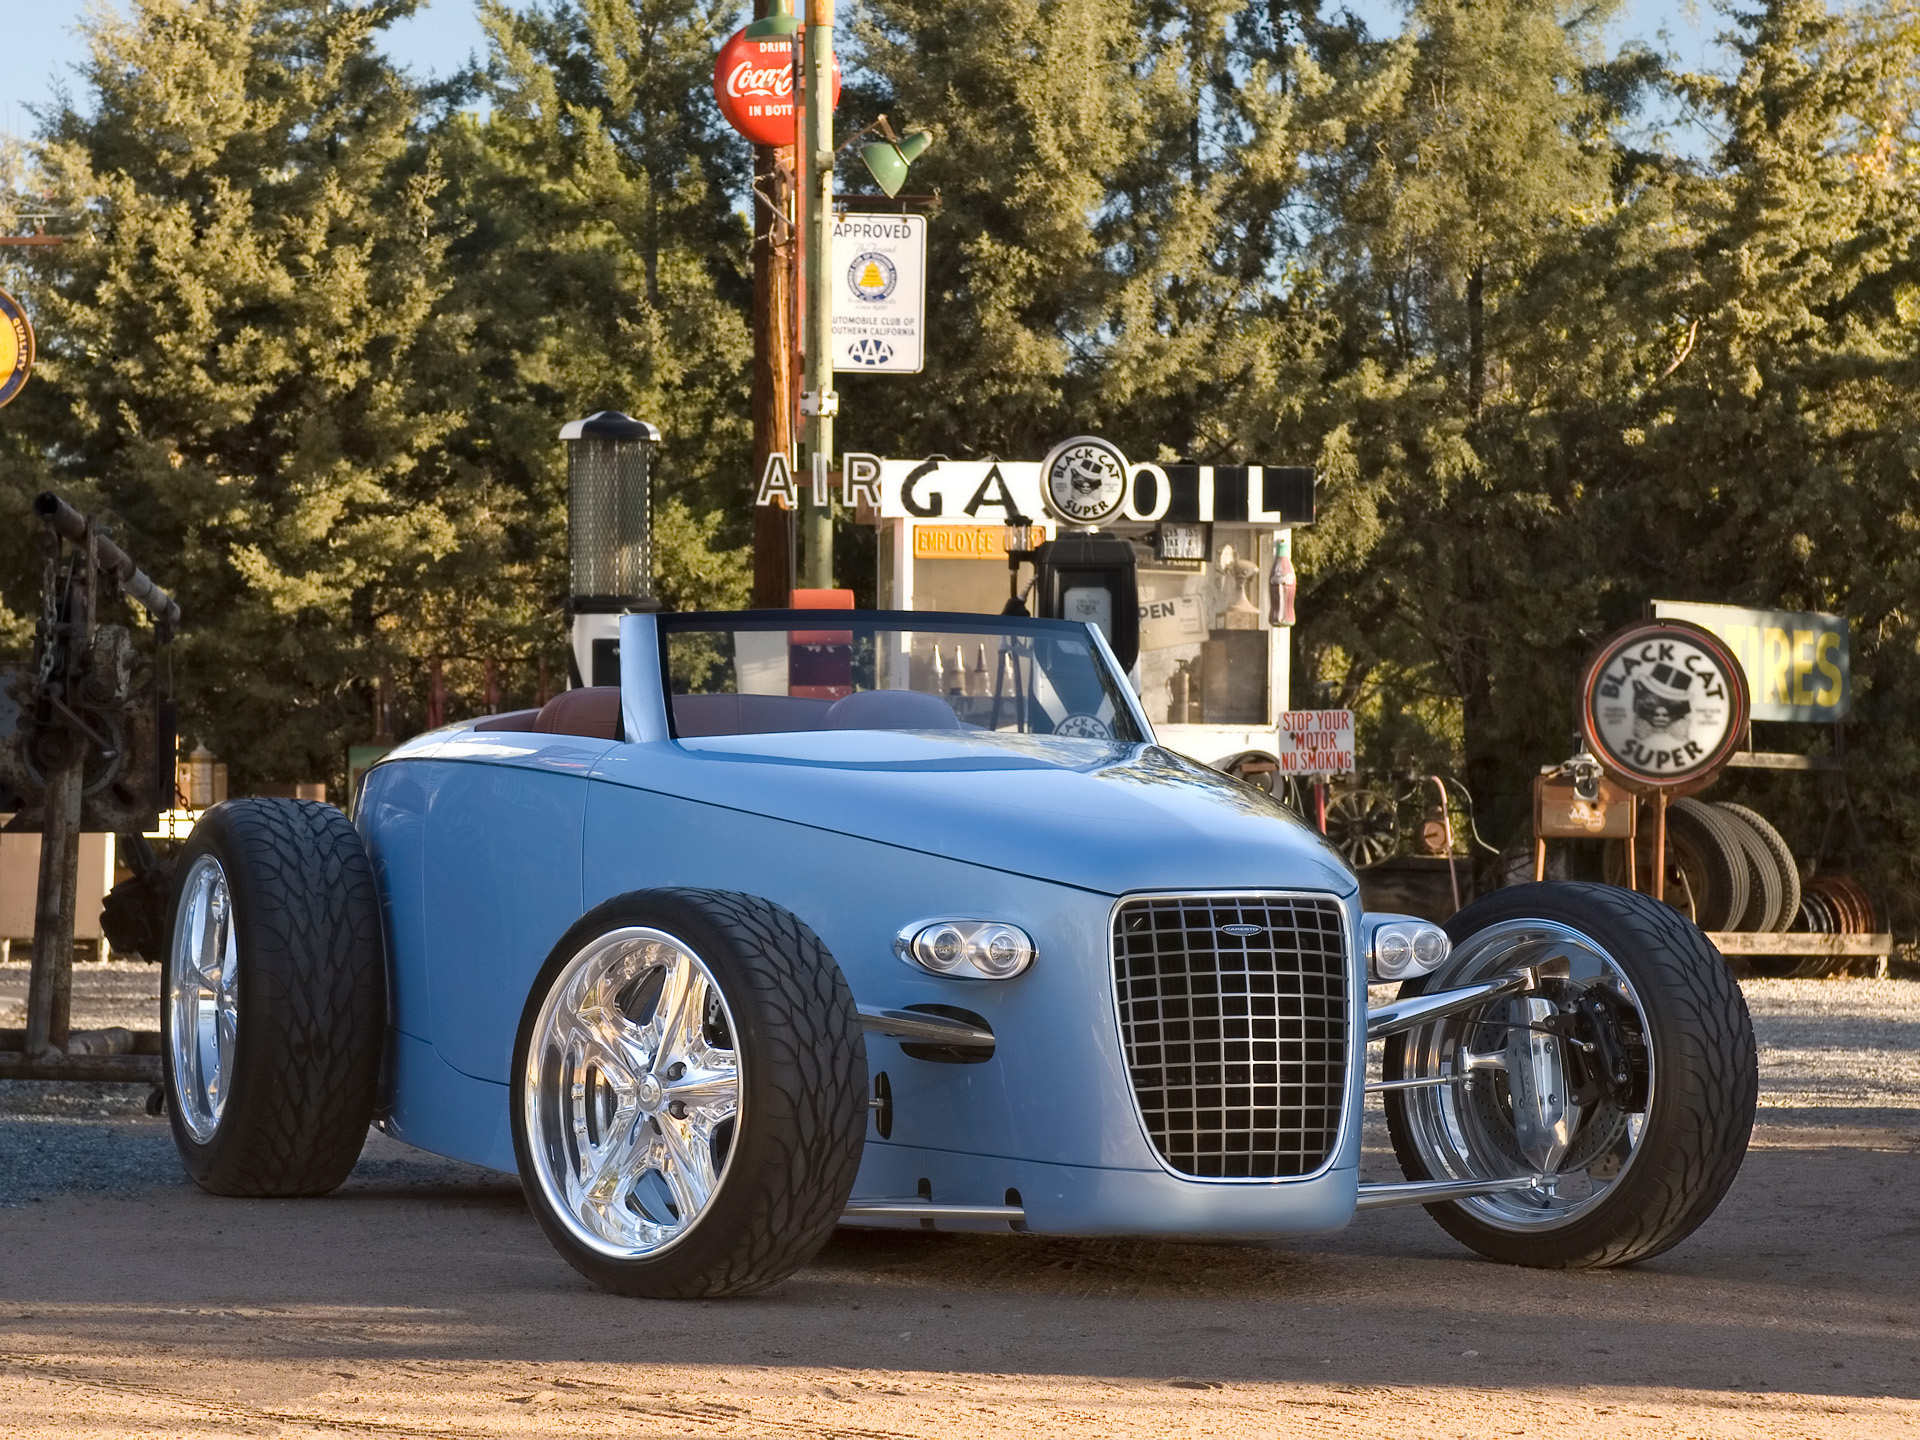 2007 volvo caresto v8 speedster concept hot rod rods supercar supercars custom v 8 h wallpaper. Black Bedroom Furniture Sets. Home Design Ideas